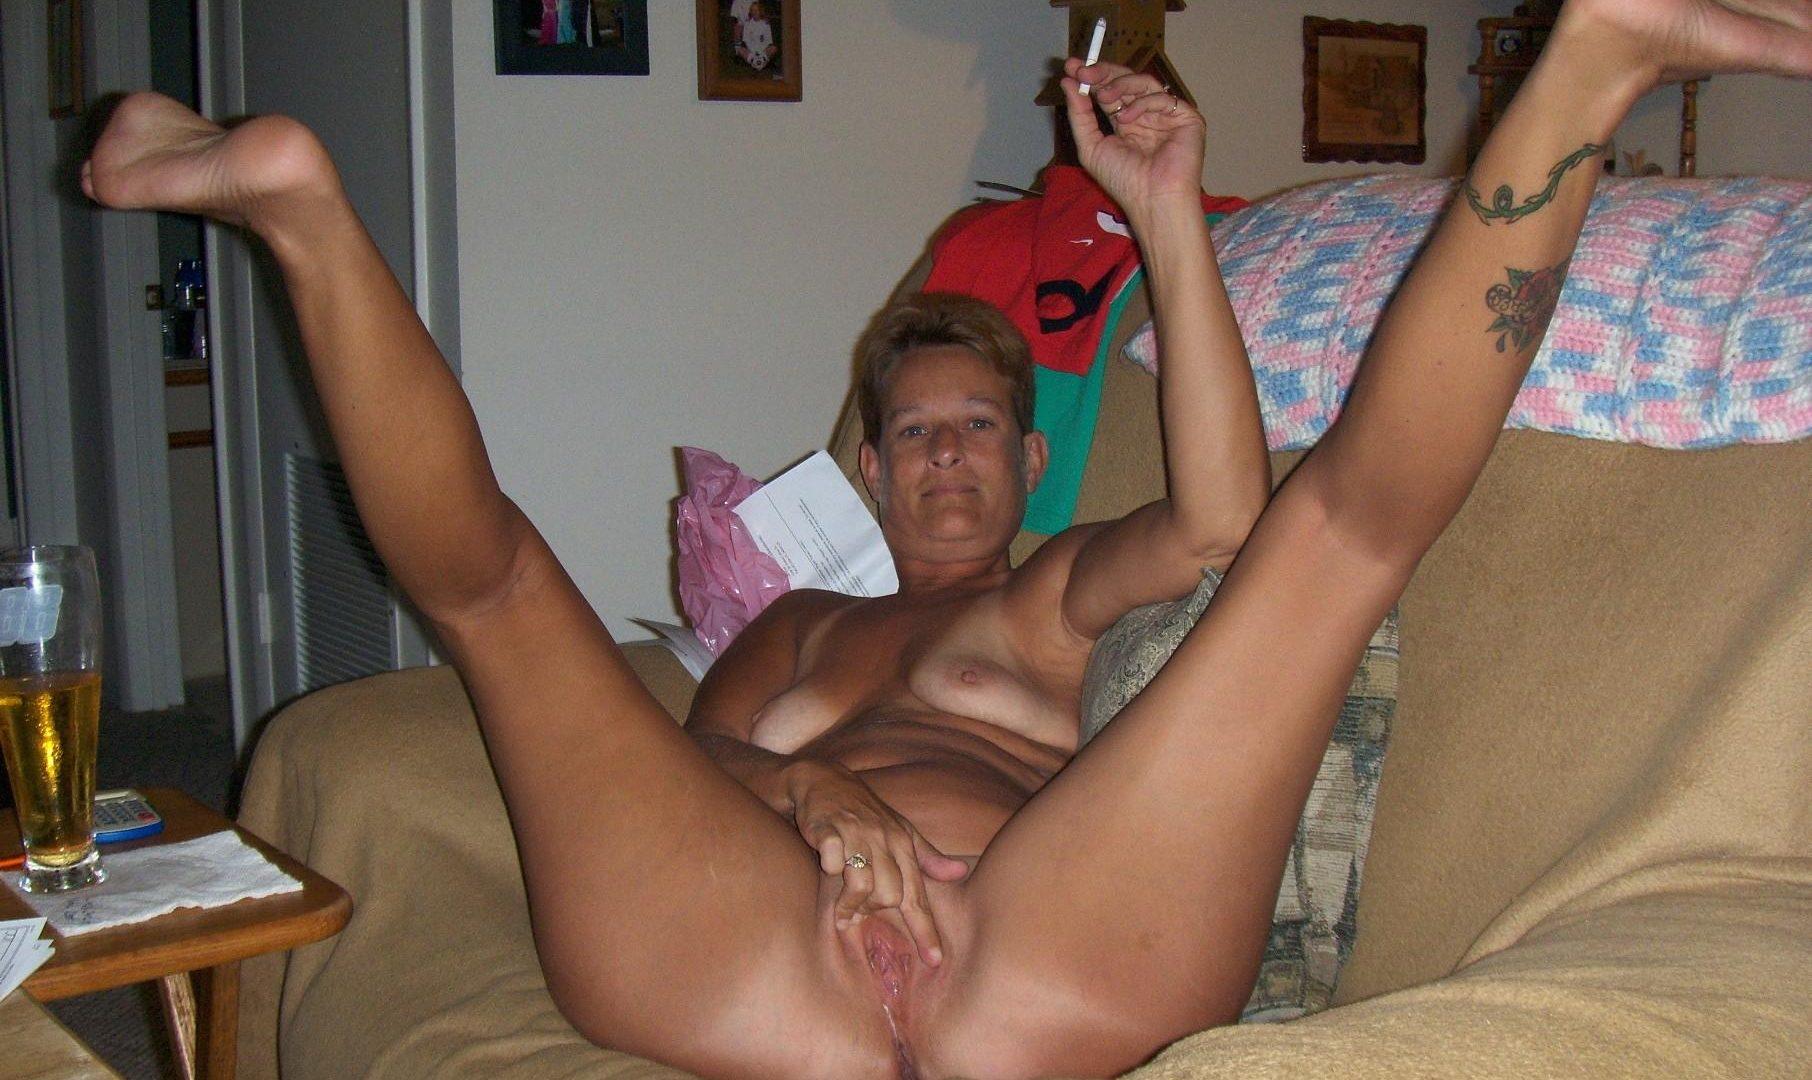 Stara babcia goła pali papierosa. Staruszka nago prezentuje erotyczne wdzięki niezwykle odważnie